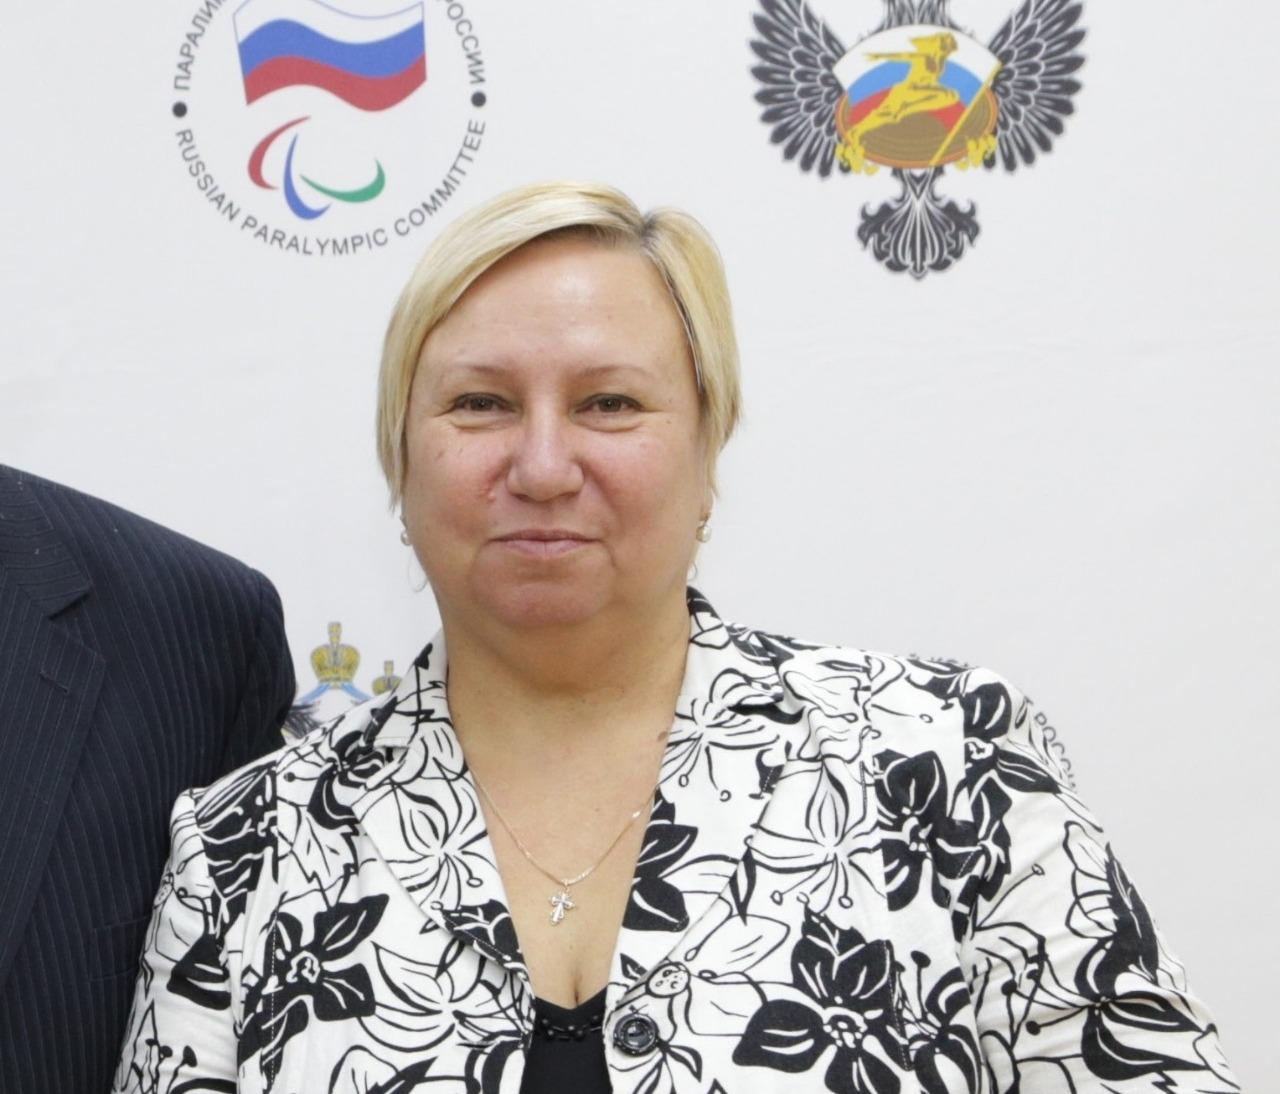 Поздравление президента ПКР В.П. Лукина председателю РО ПКР в Саратовской области С.А. Борисовской в связи с Юбилеем